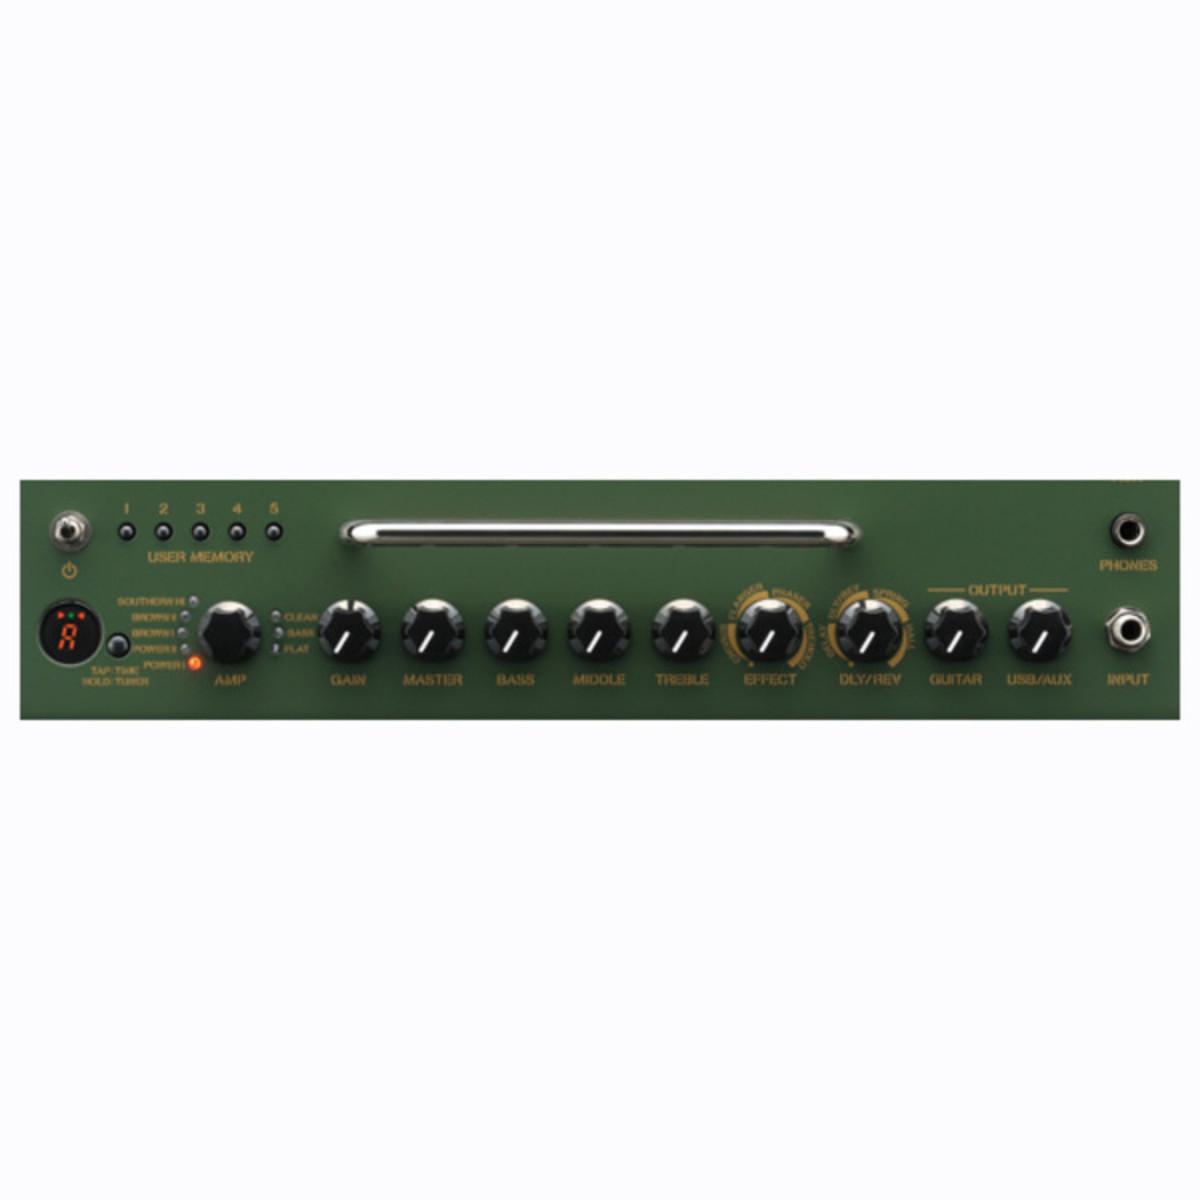 Yamaha thr10x extreme guitar amp at for Yamaha bass guitar amplifier